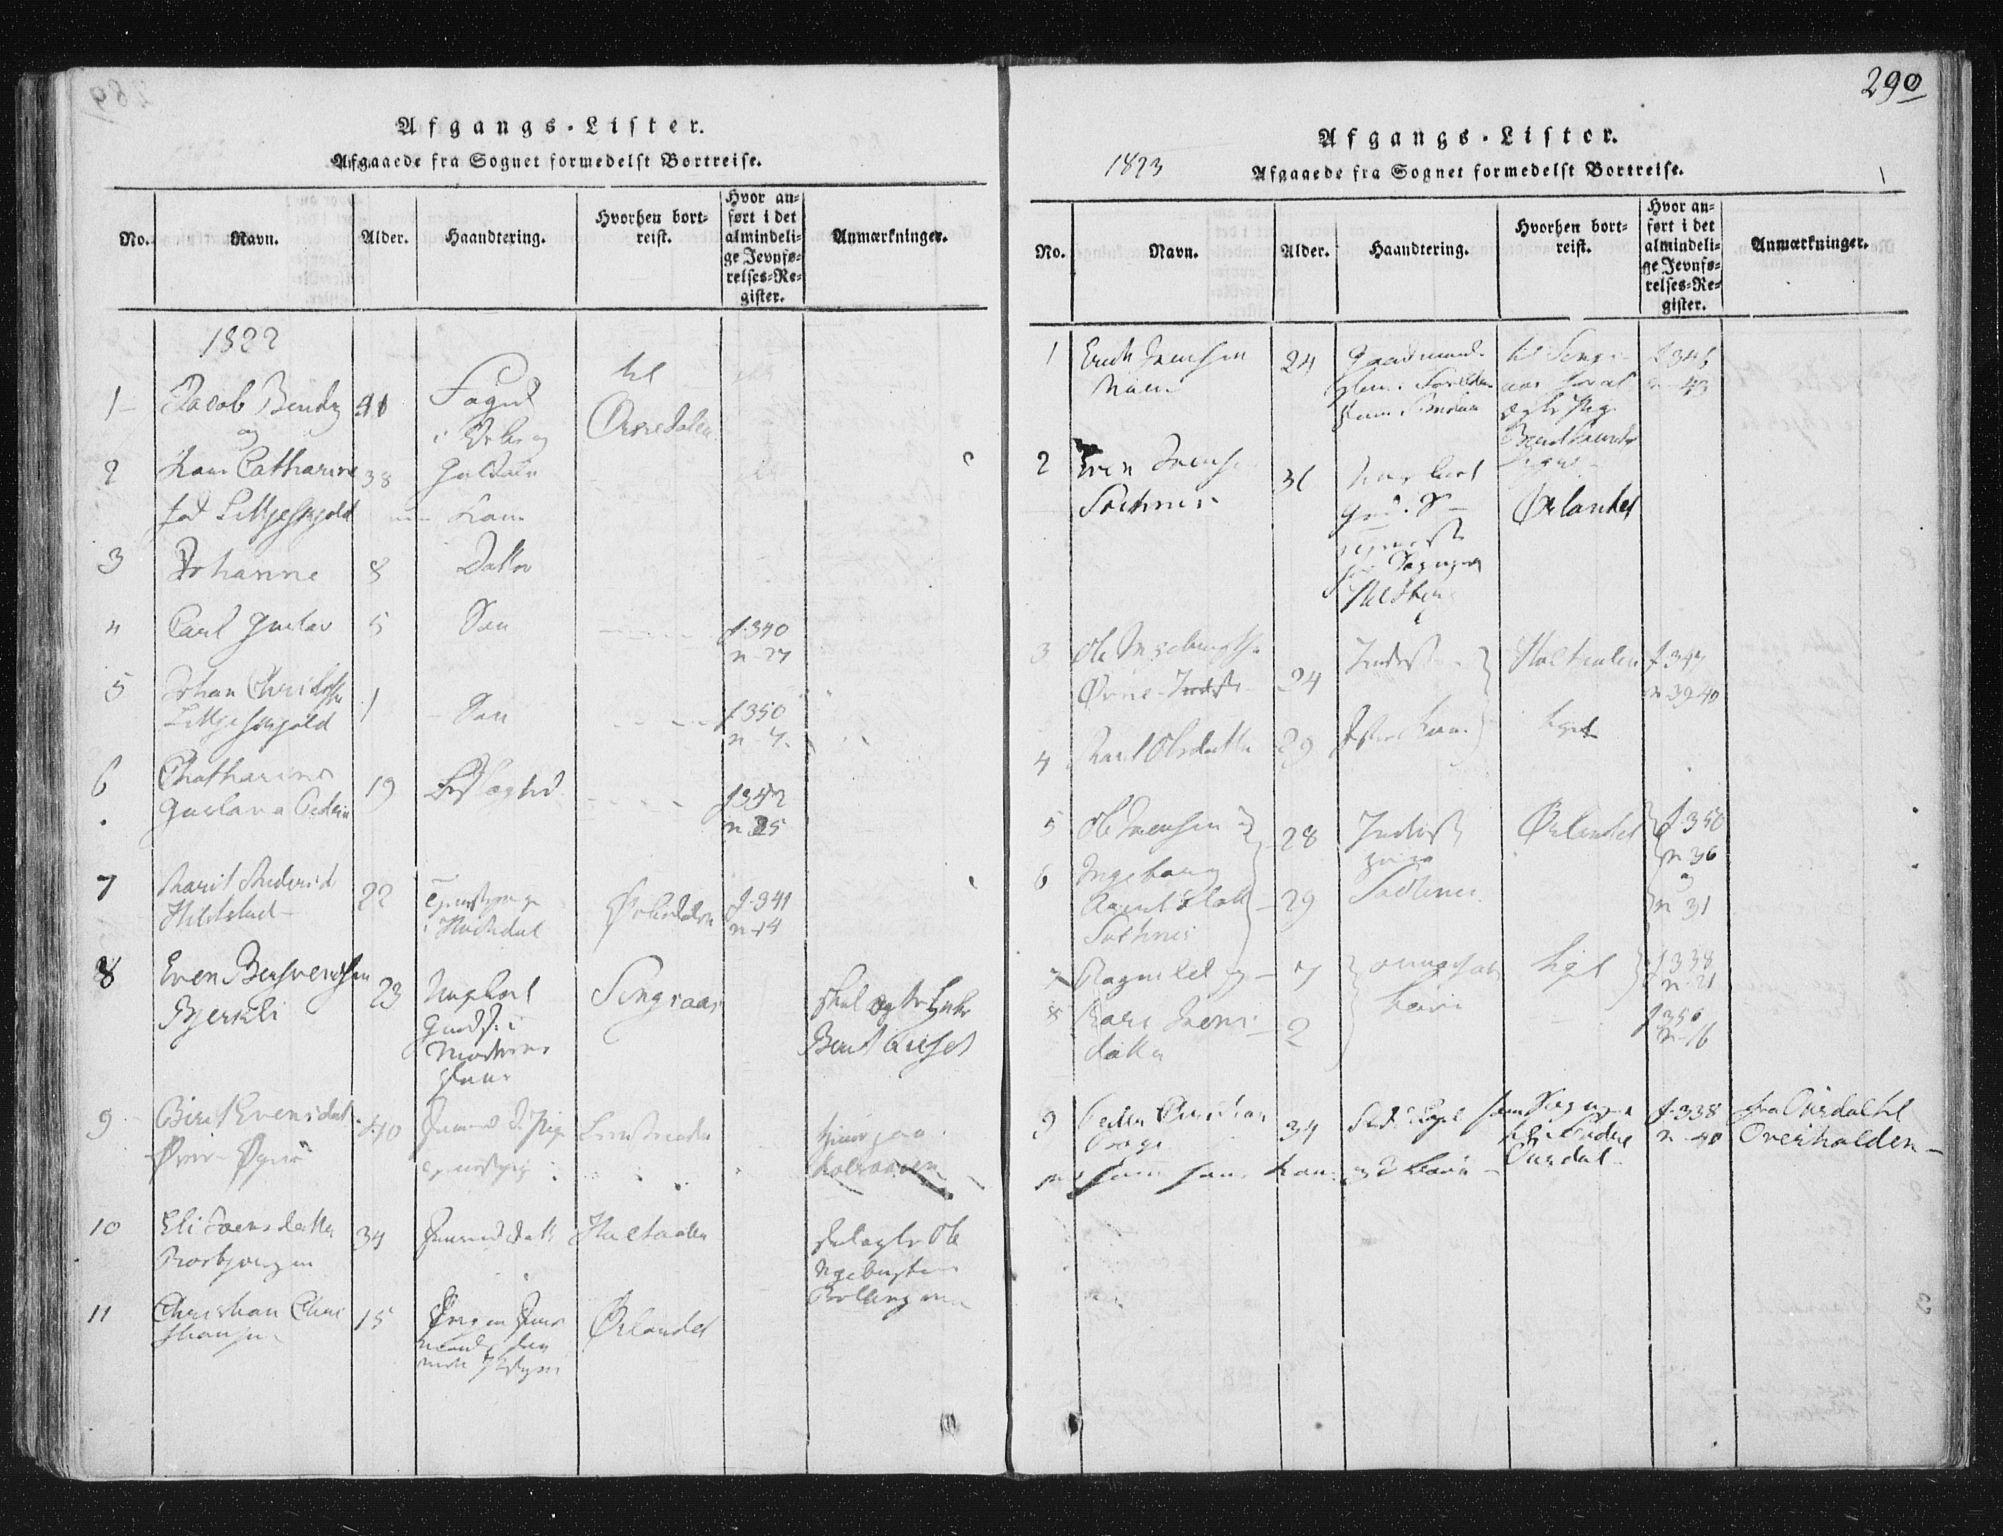 SAT, Ministerialprotokoller, klokkerbøker og fødselsregistre - Sør-Trøndelag, 687/L0996: Ministerialbok nr. 687A04, 1816-1842, s. 290